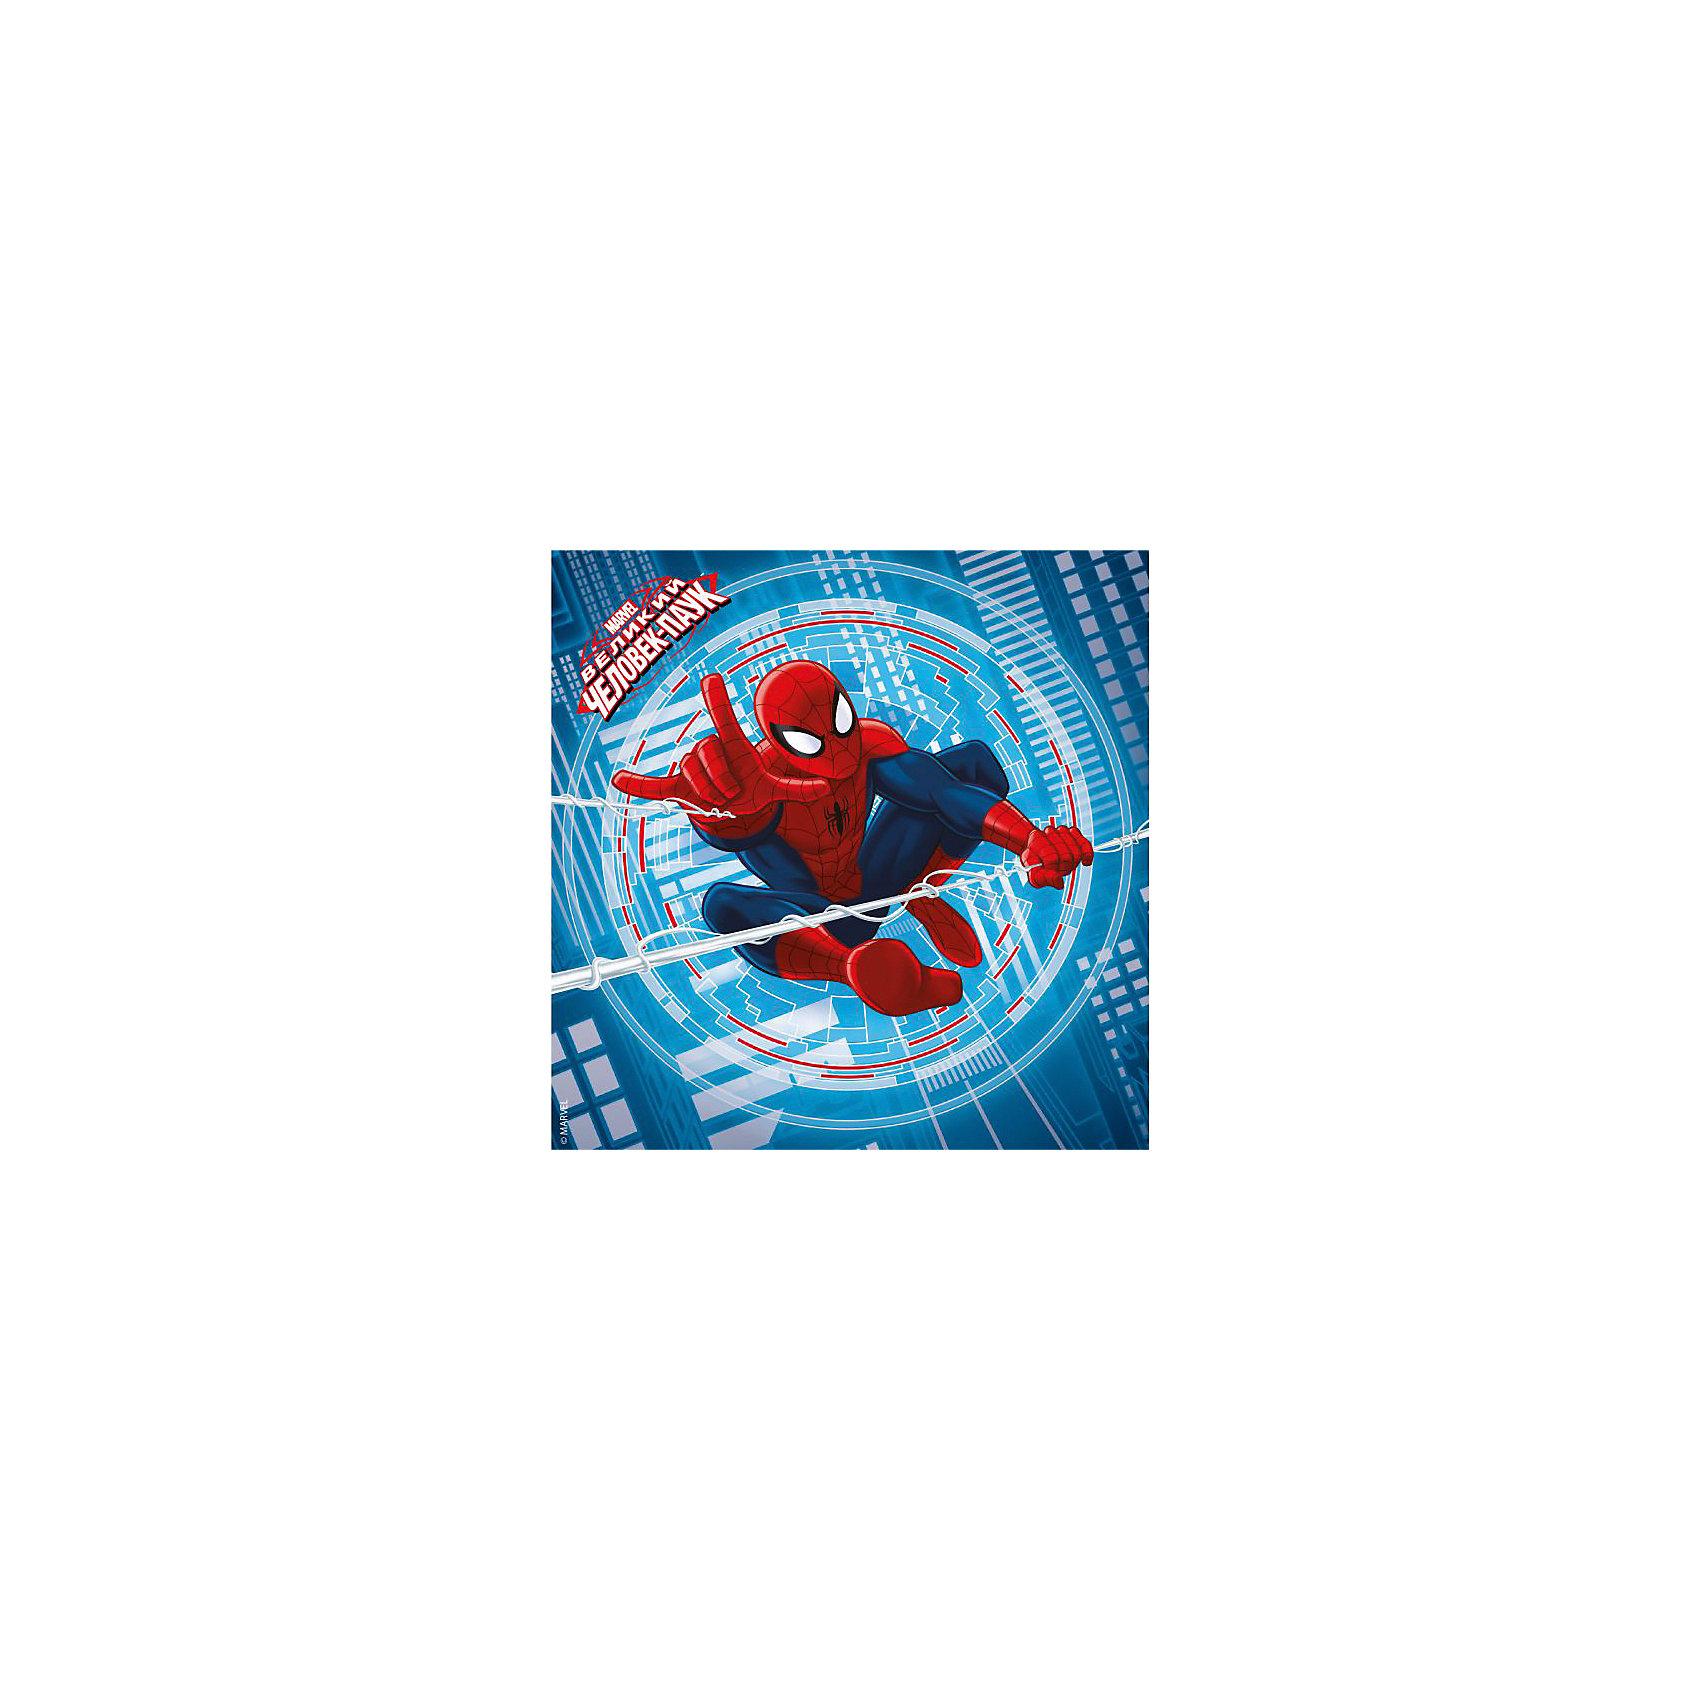 Салфетки Человек-паук, 12 штСалфетки  Человек-паук (Spider-man), 12 шт – это отличное дополнение на праздничном столе вашего мальчика!<br>Салфетки  Человек-паук (Spider-man) создадут праздничное настроение фанатам этого супергероя. Качественные и красочные, они станут хорошим украшением праздничного стола. Реалистичное изображение любимого мультяшного персонажа привлечет внимание маленьких членов семьи. В нашем магазине можно также дополнительно приобрести скатерть и бумажные стаканы из этой серии.<br><br>Дополнительная информация:<br><br>- В наборе: 12 шт.<br>- Материал: бумага<br>- Размер упаковки: 18 х 23 см.<br><br>Салфетки  Человек-паук (Spider-man), 12 шт можно купить в нашем интернет-магазине.<br><br>Ширина мм: 180<br>Глубина мм: 10<br>Высота мм: 230<br>Вес г: 60<br>Возраст от месяцев: 24<br>Возраст до месяцев: 144<br>Пол: Мужской<br>Возраст: Детский<br>SKU: 4254587